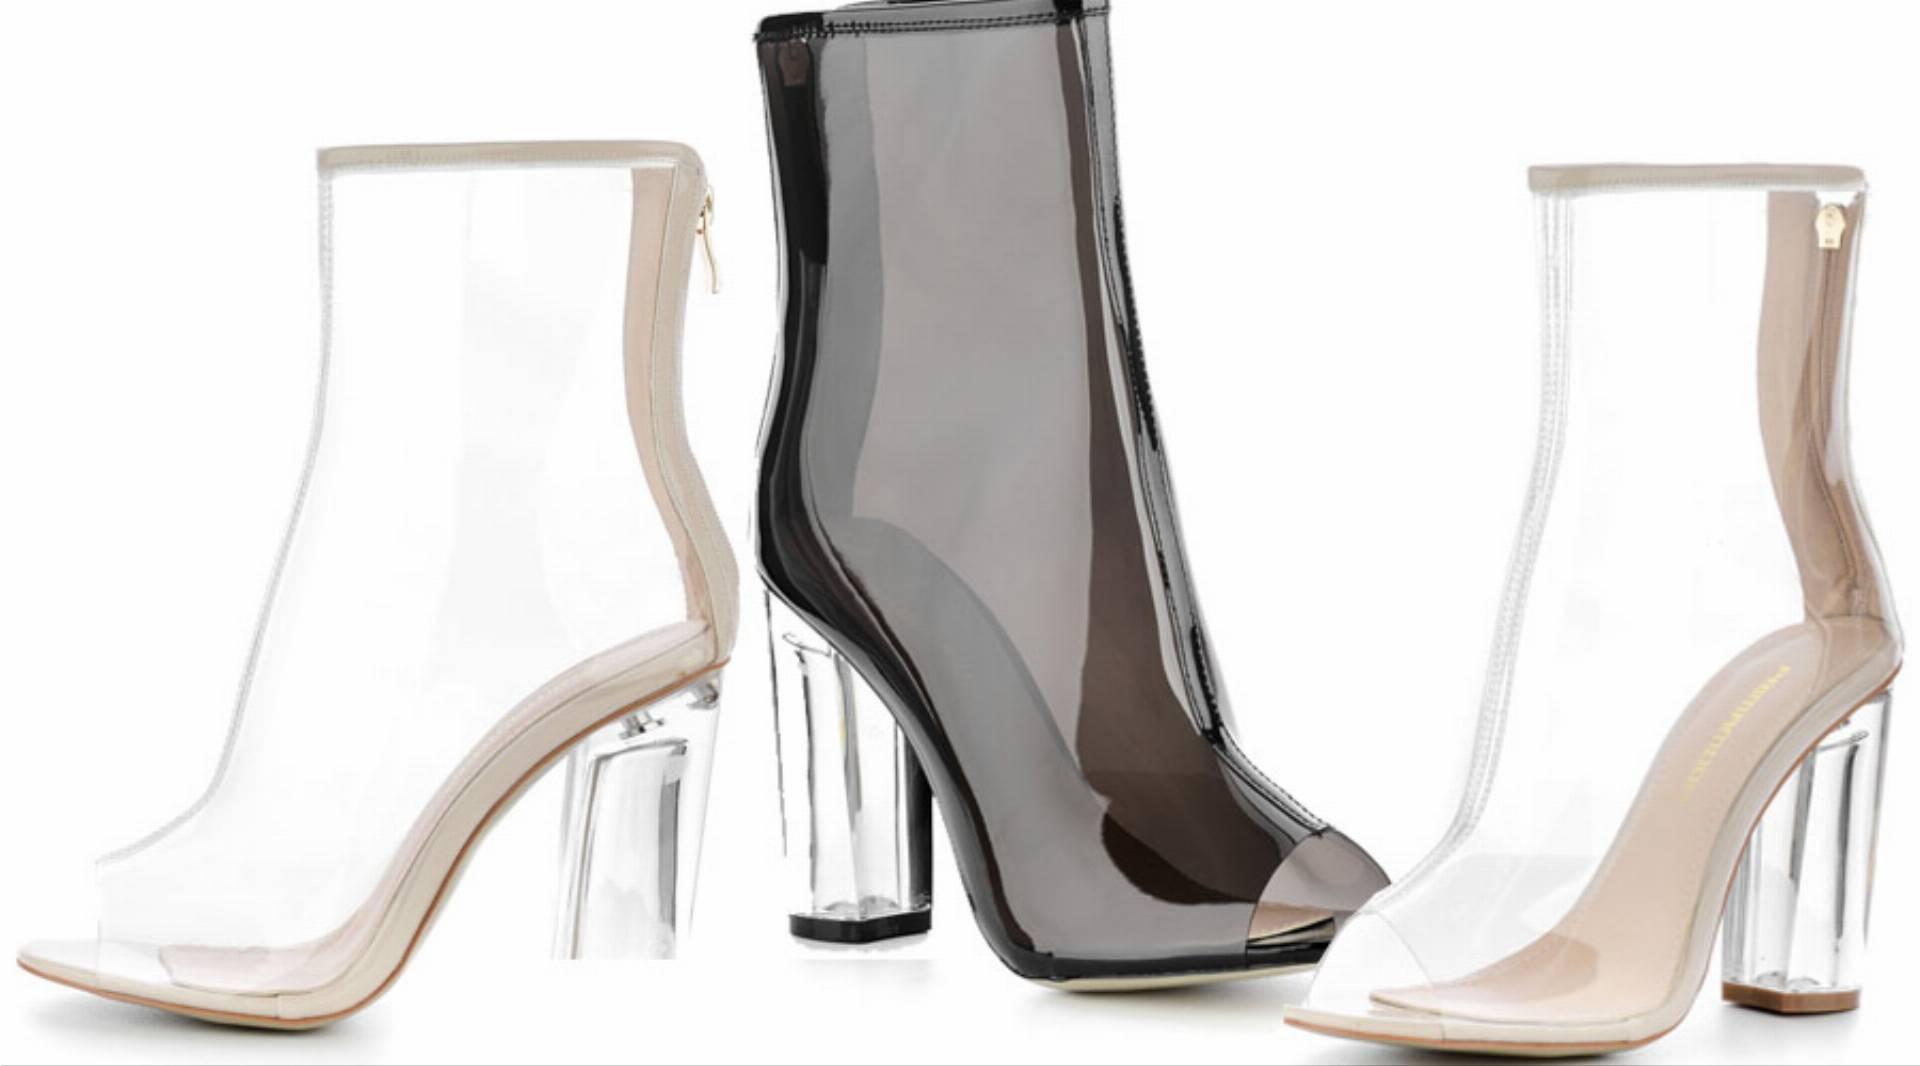 38ecf738 buty--z-pleksi. Niedawno w kolekcji PRIMAMODA zagościły supermodne botki  open-toe wykonane z pleksi. Dwie wersje kolorystyczne sprawiają, ...